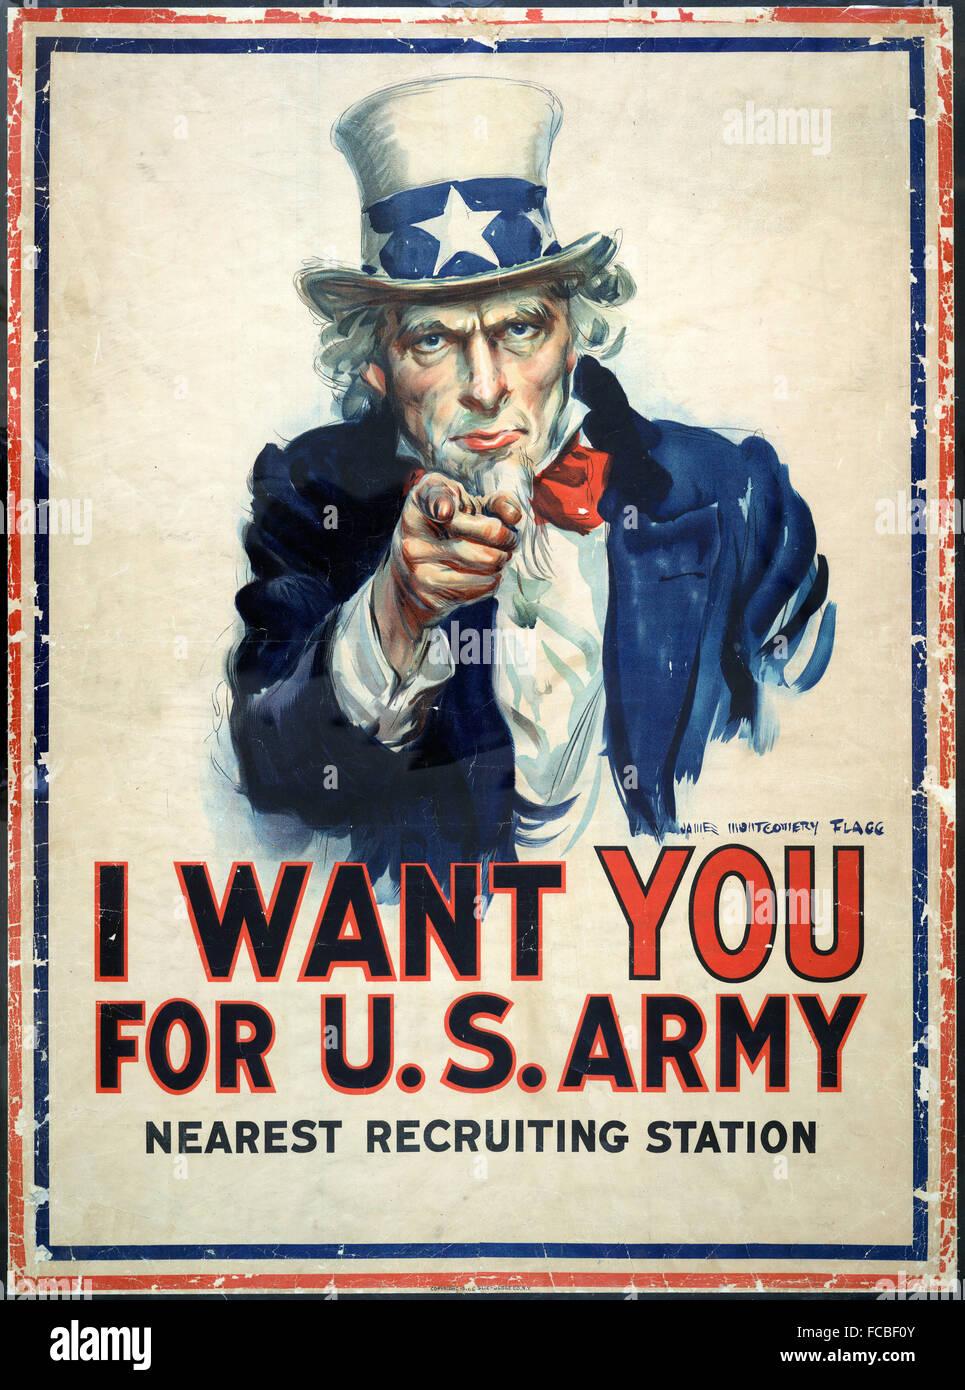 Affiche de recrutement de l'Oncle Sam d'origine pour l'armée américaine dans la PREMIÈRE Photo Stock